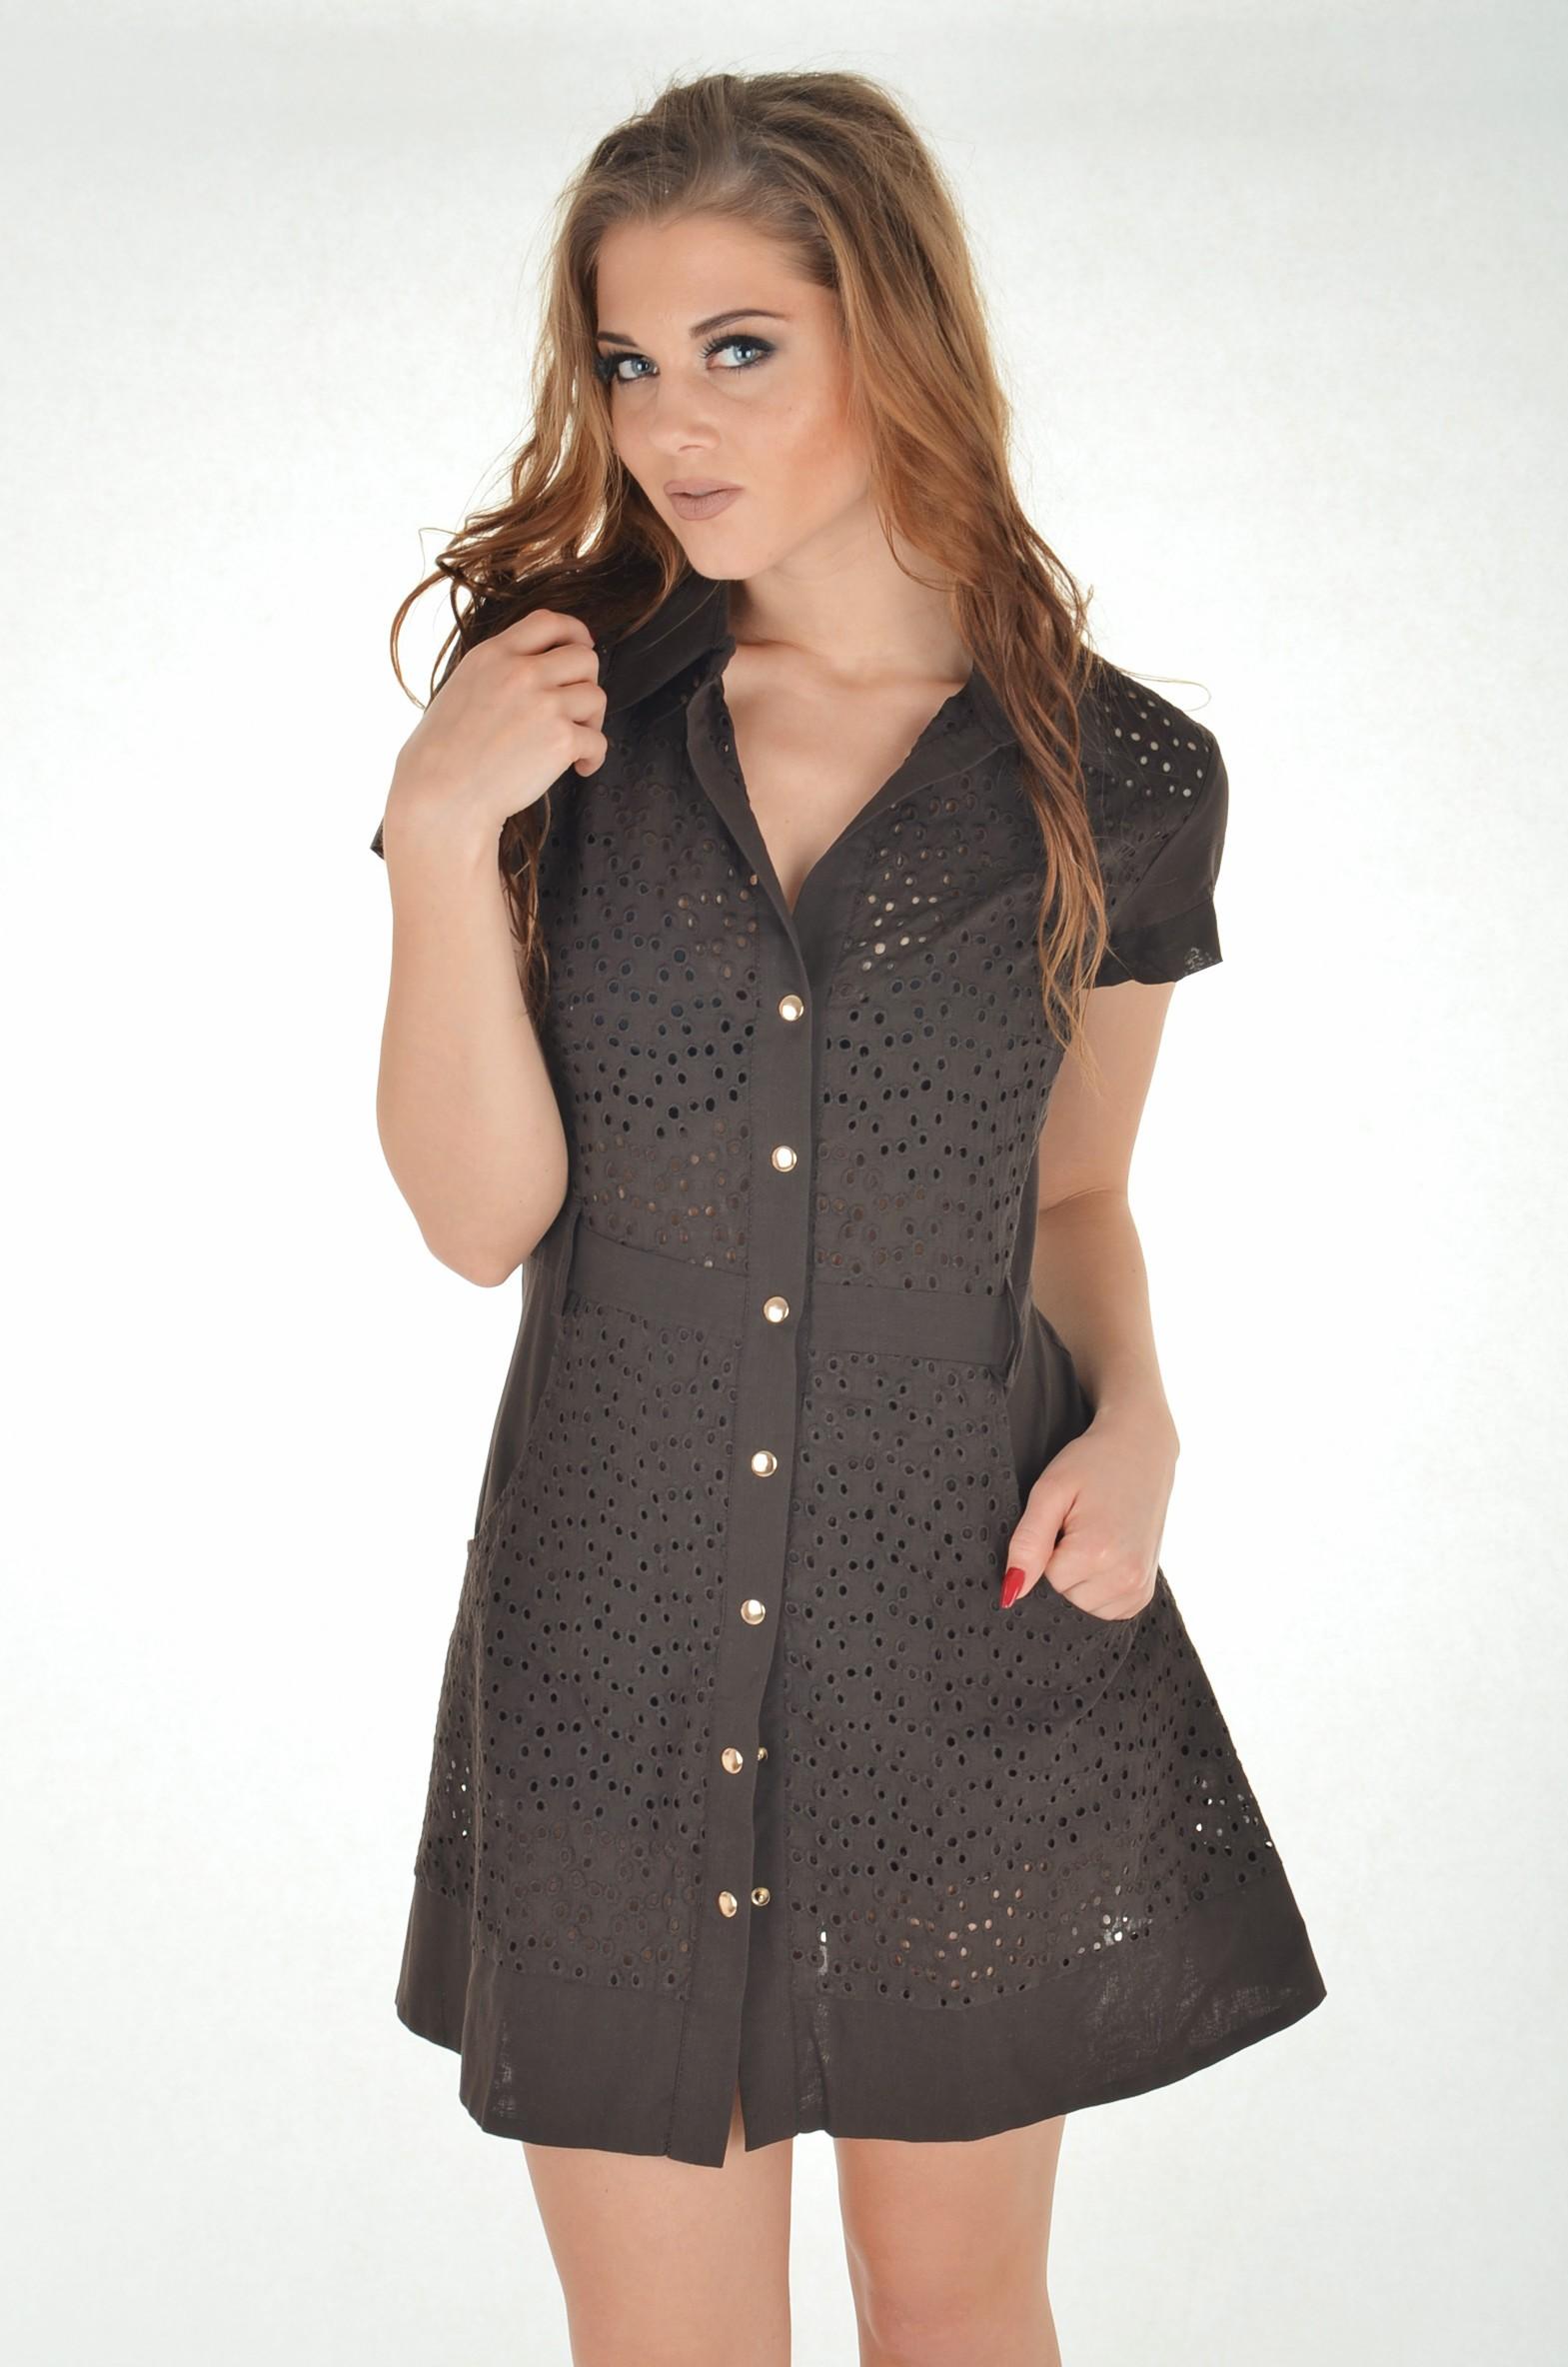 25e17350c1d1b Пляжная одежда для женщин купить в Киеве, Украине - интернет-магазин ...